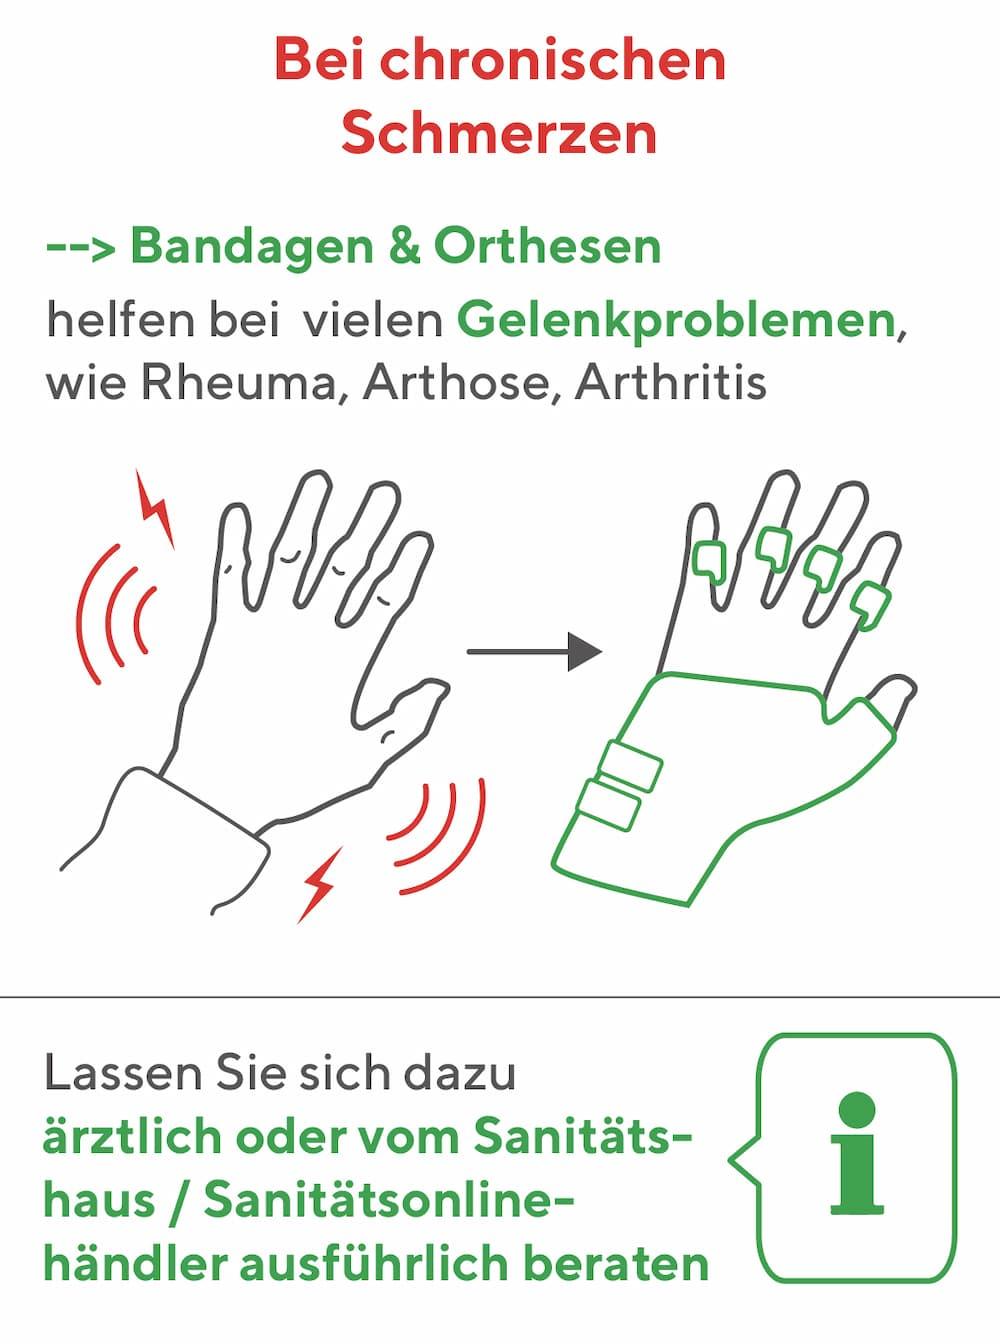 Bandagen und Orthesen bei chronischen Schmerzen